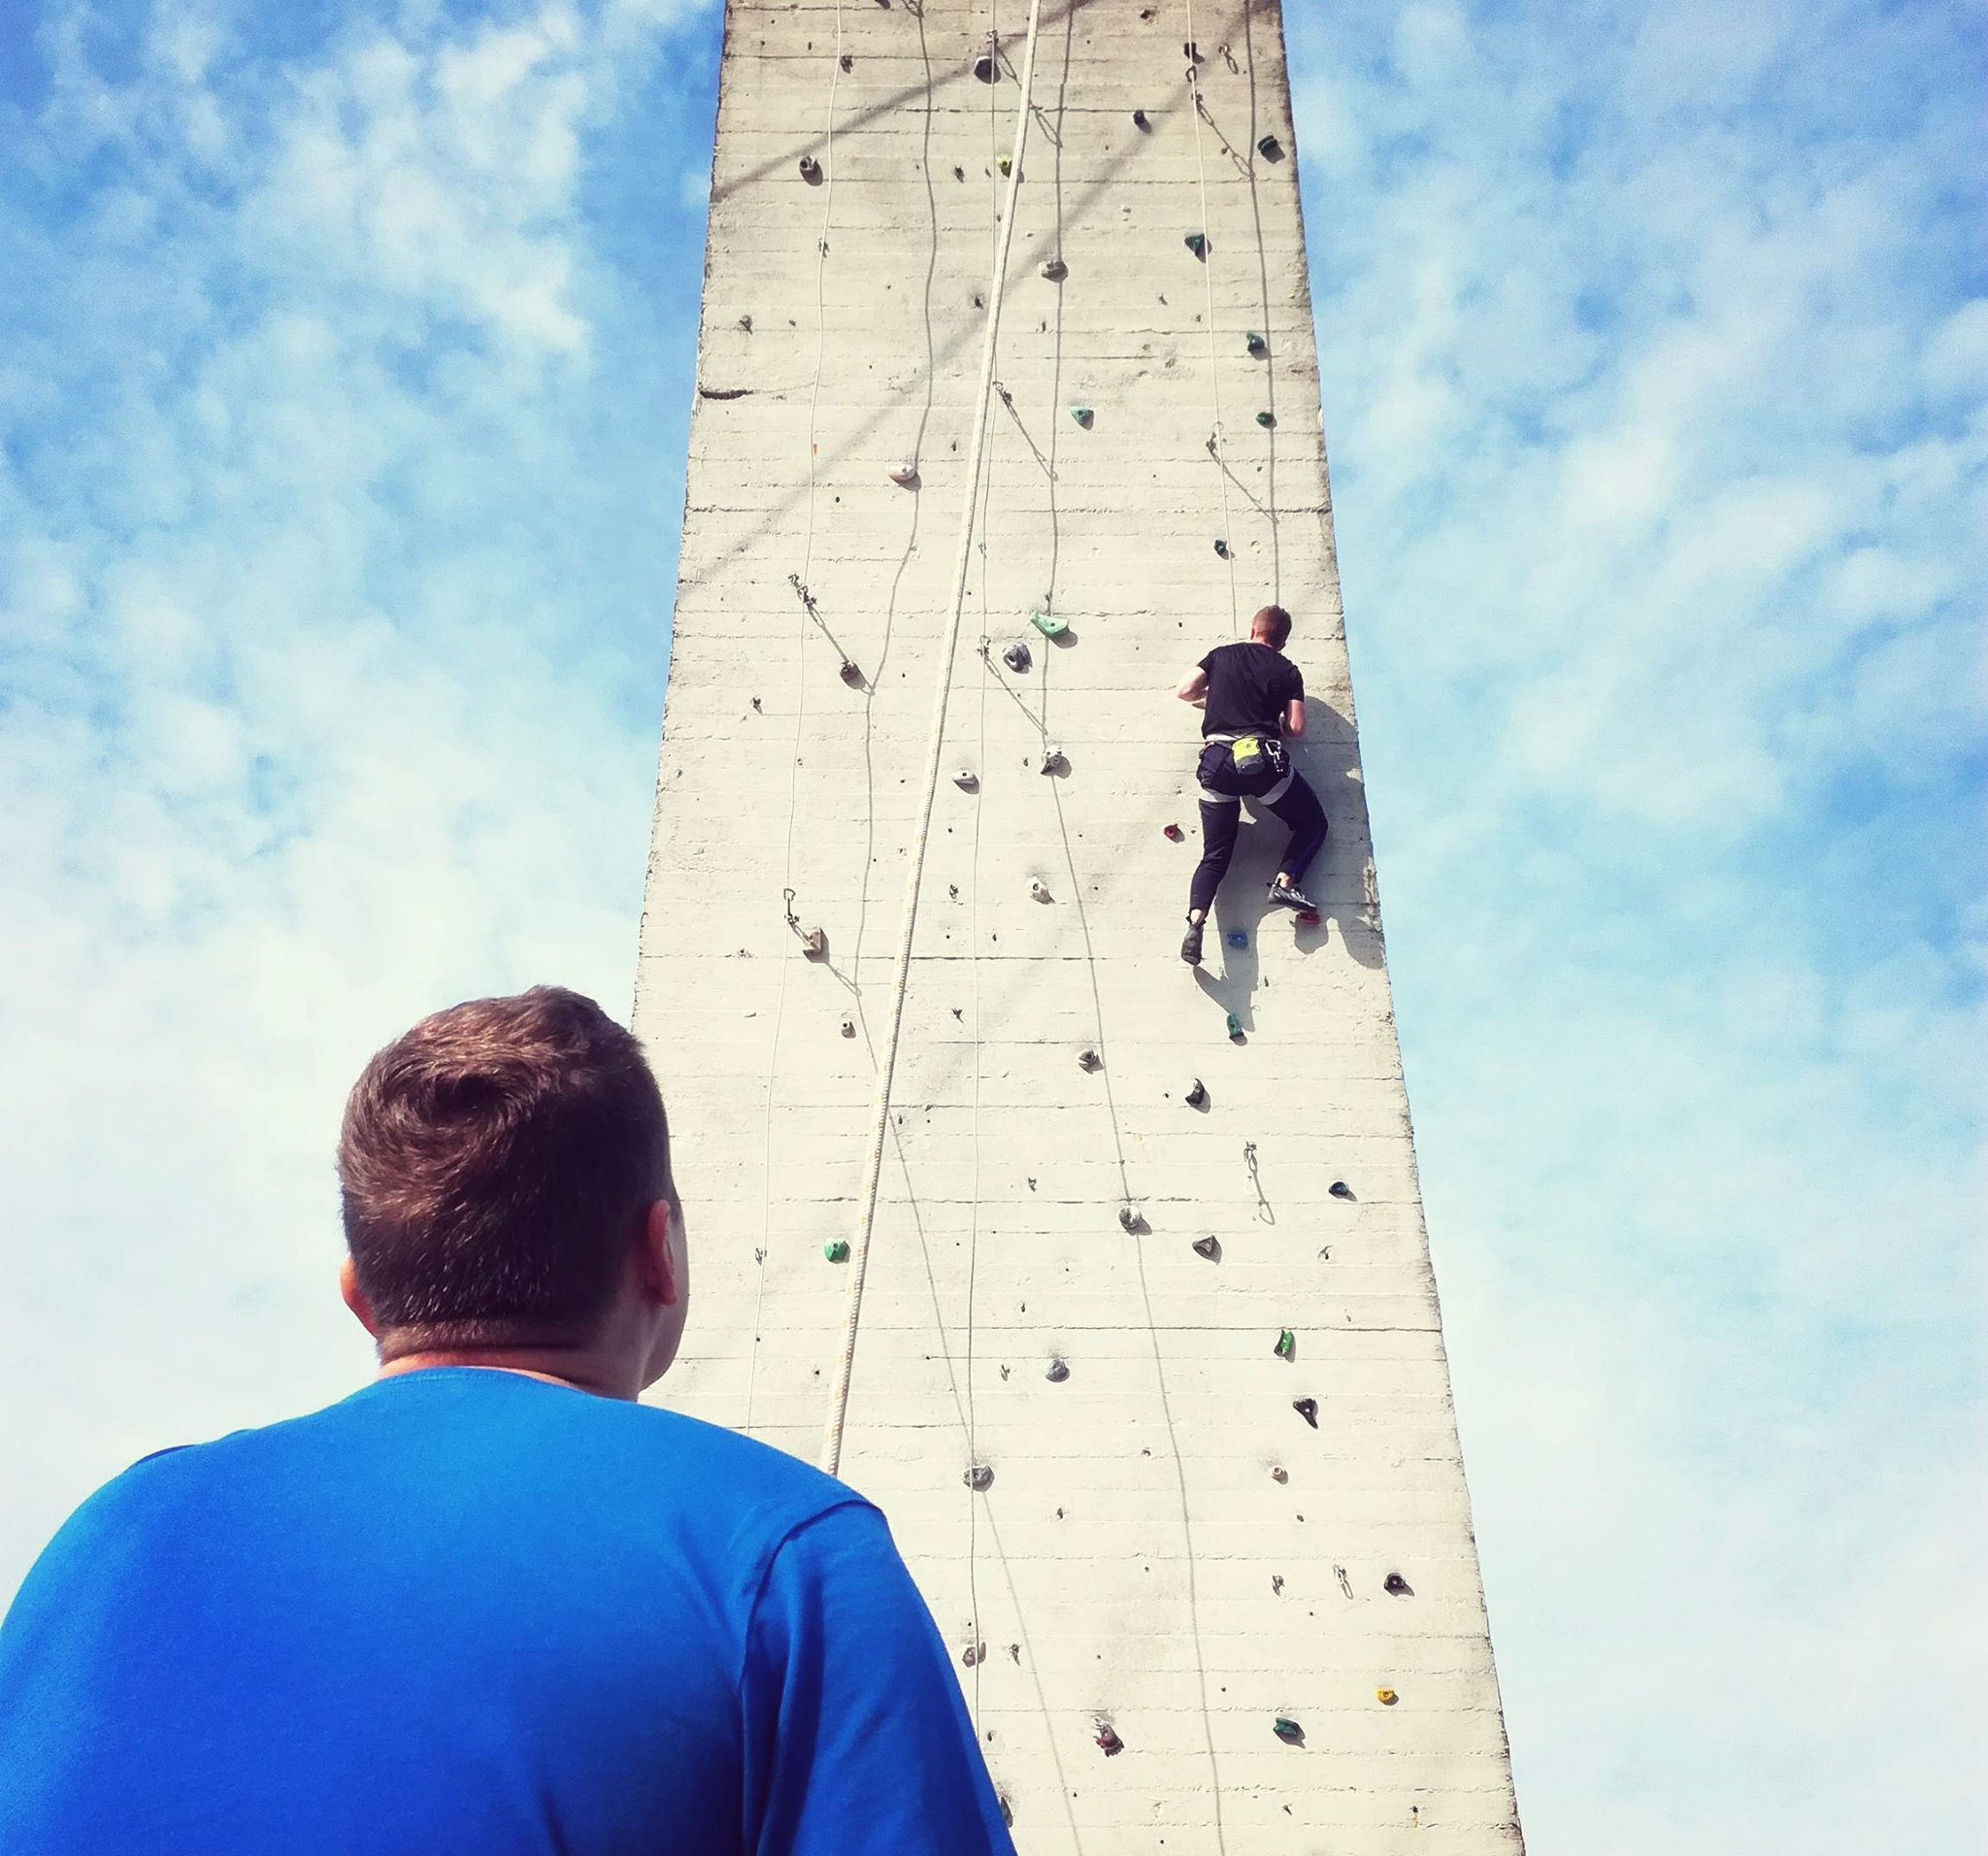 wspinaczkowe kadry - wspinaczka w mieście